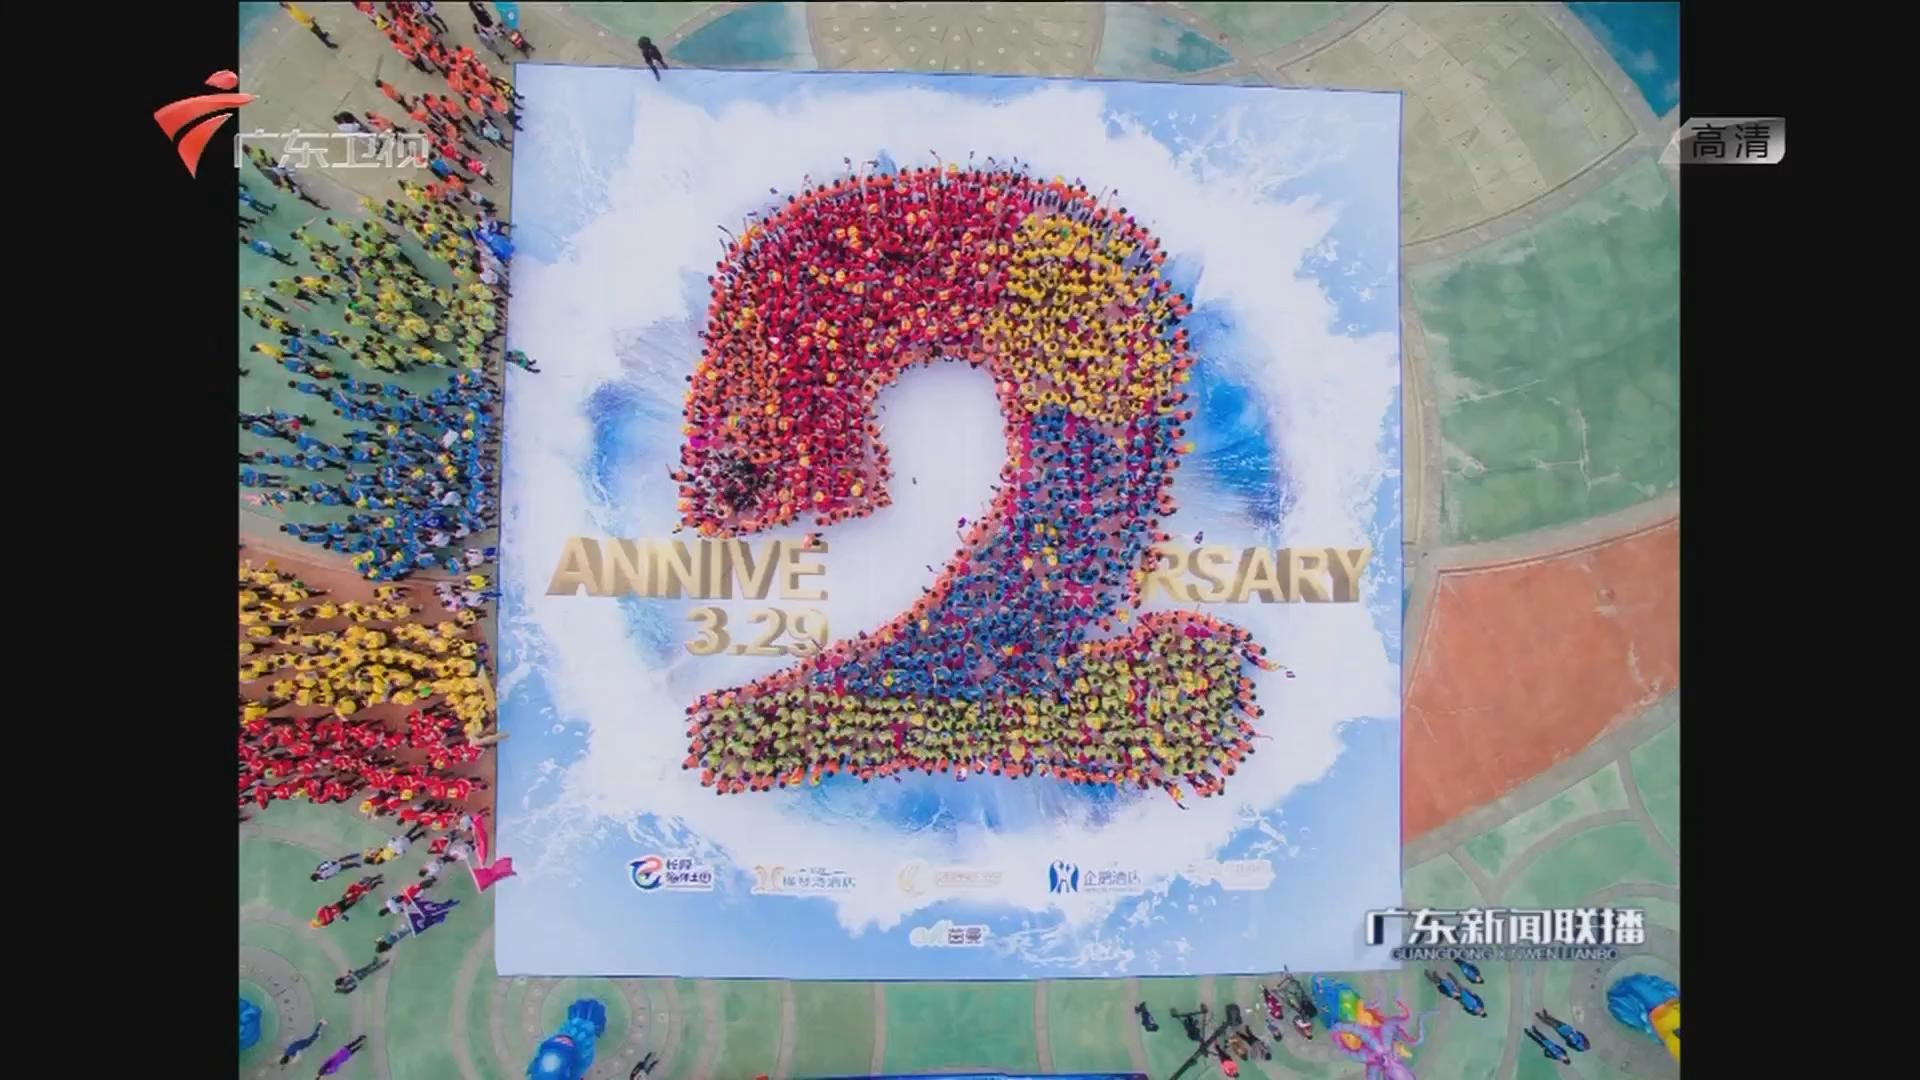 珠海长隆迎来两周岁生日 游客已达2500万人次